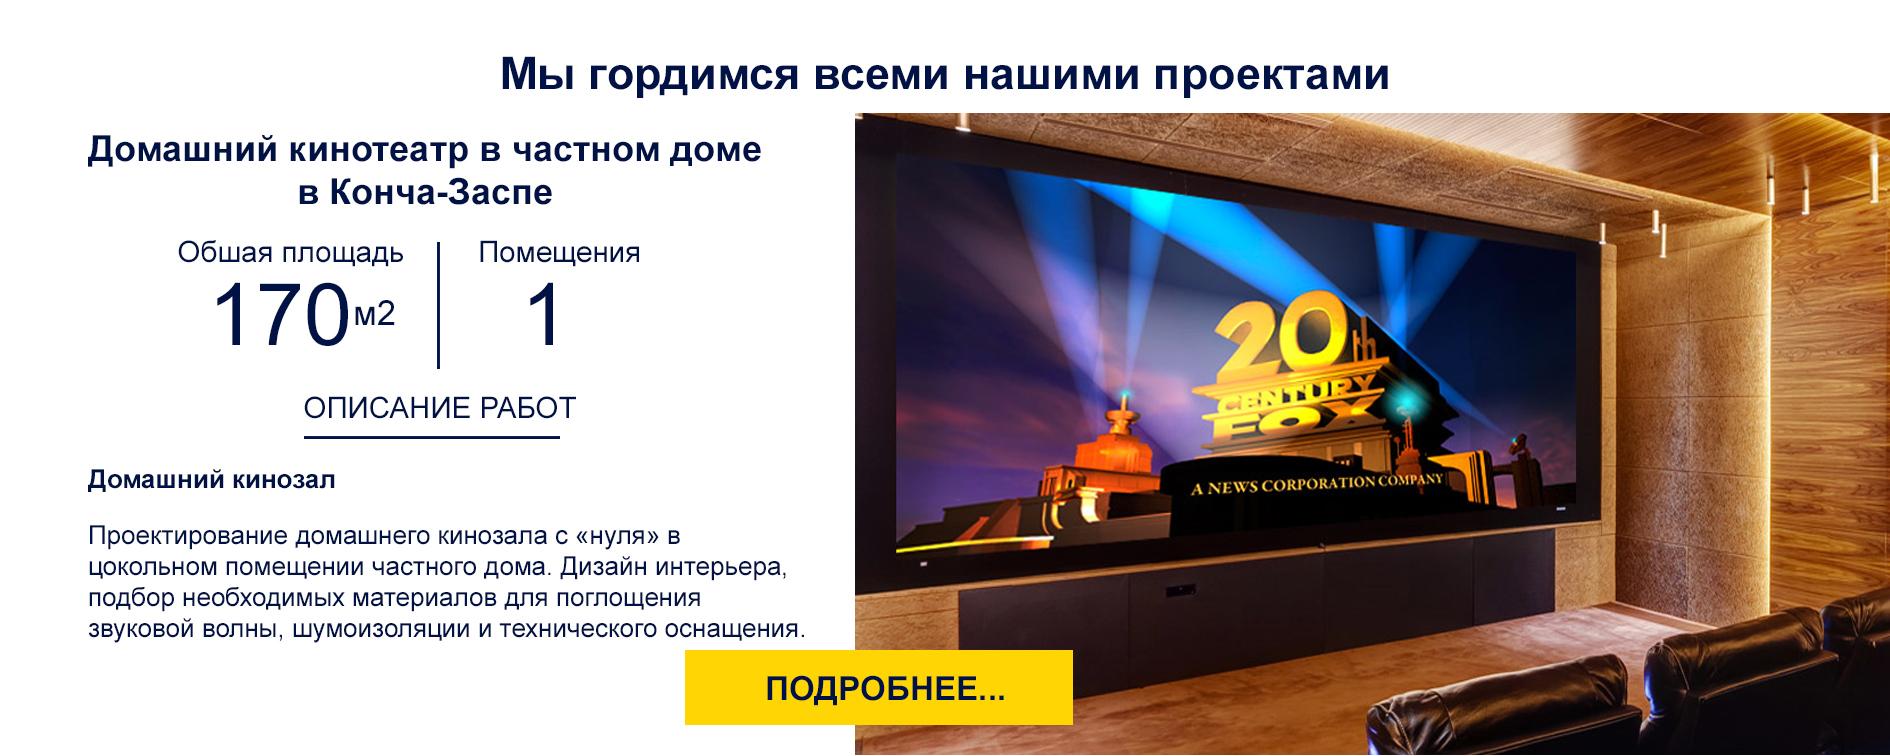 Домашний кинотеатр в частном доме в Конча-Заспе